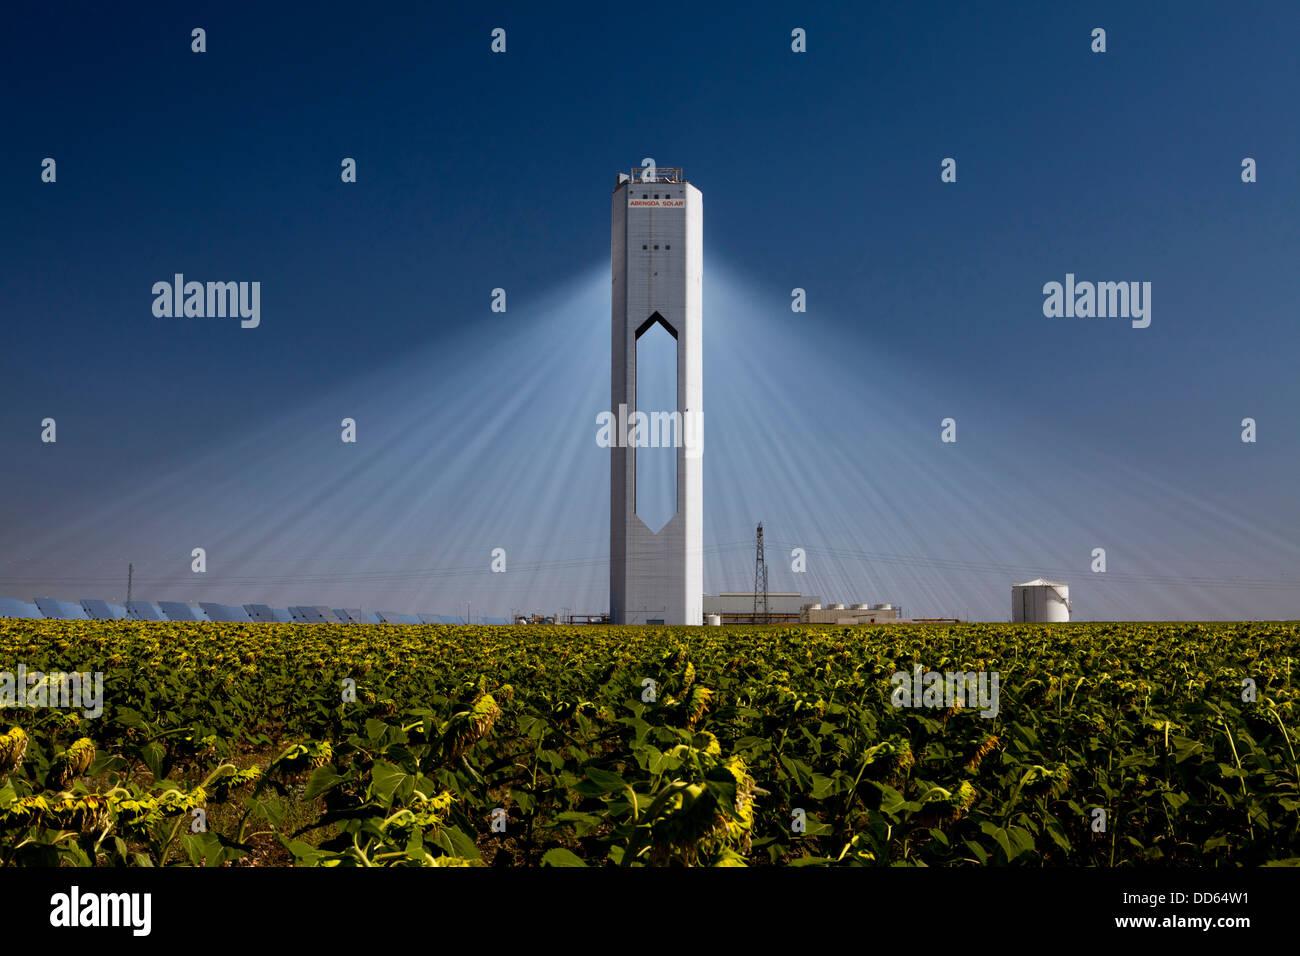 La planta solar PS20 (20) Torre Solar Térmica es una planta de energía solar térmica en Sanlúcar Imagen De Stock